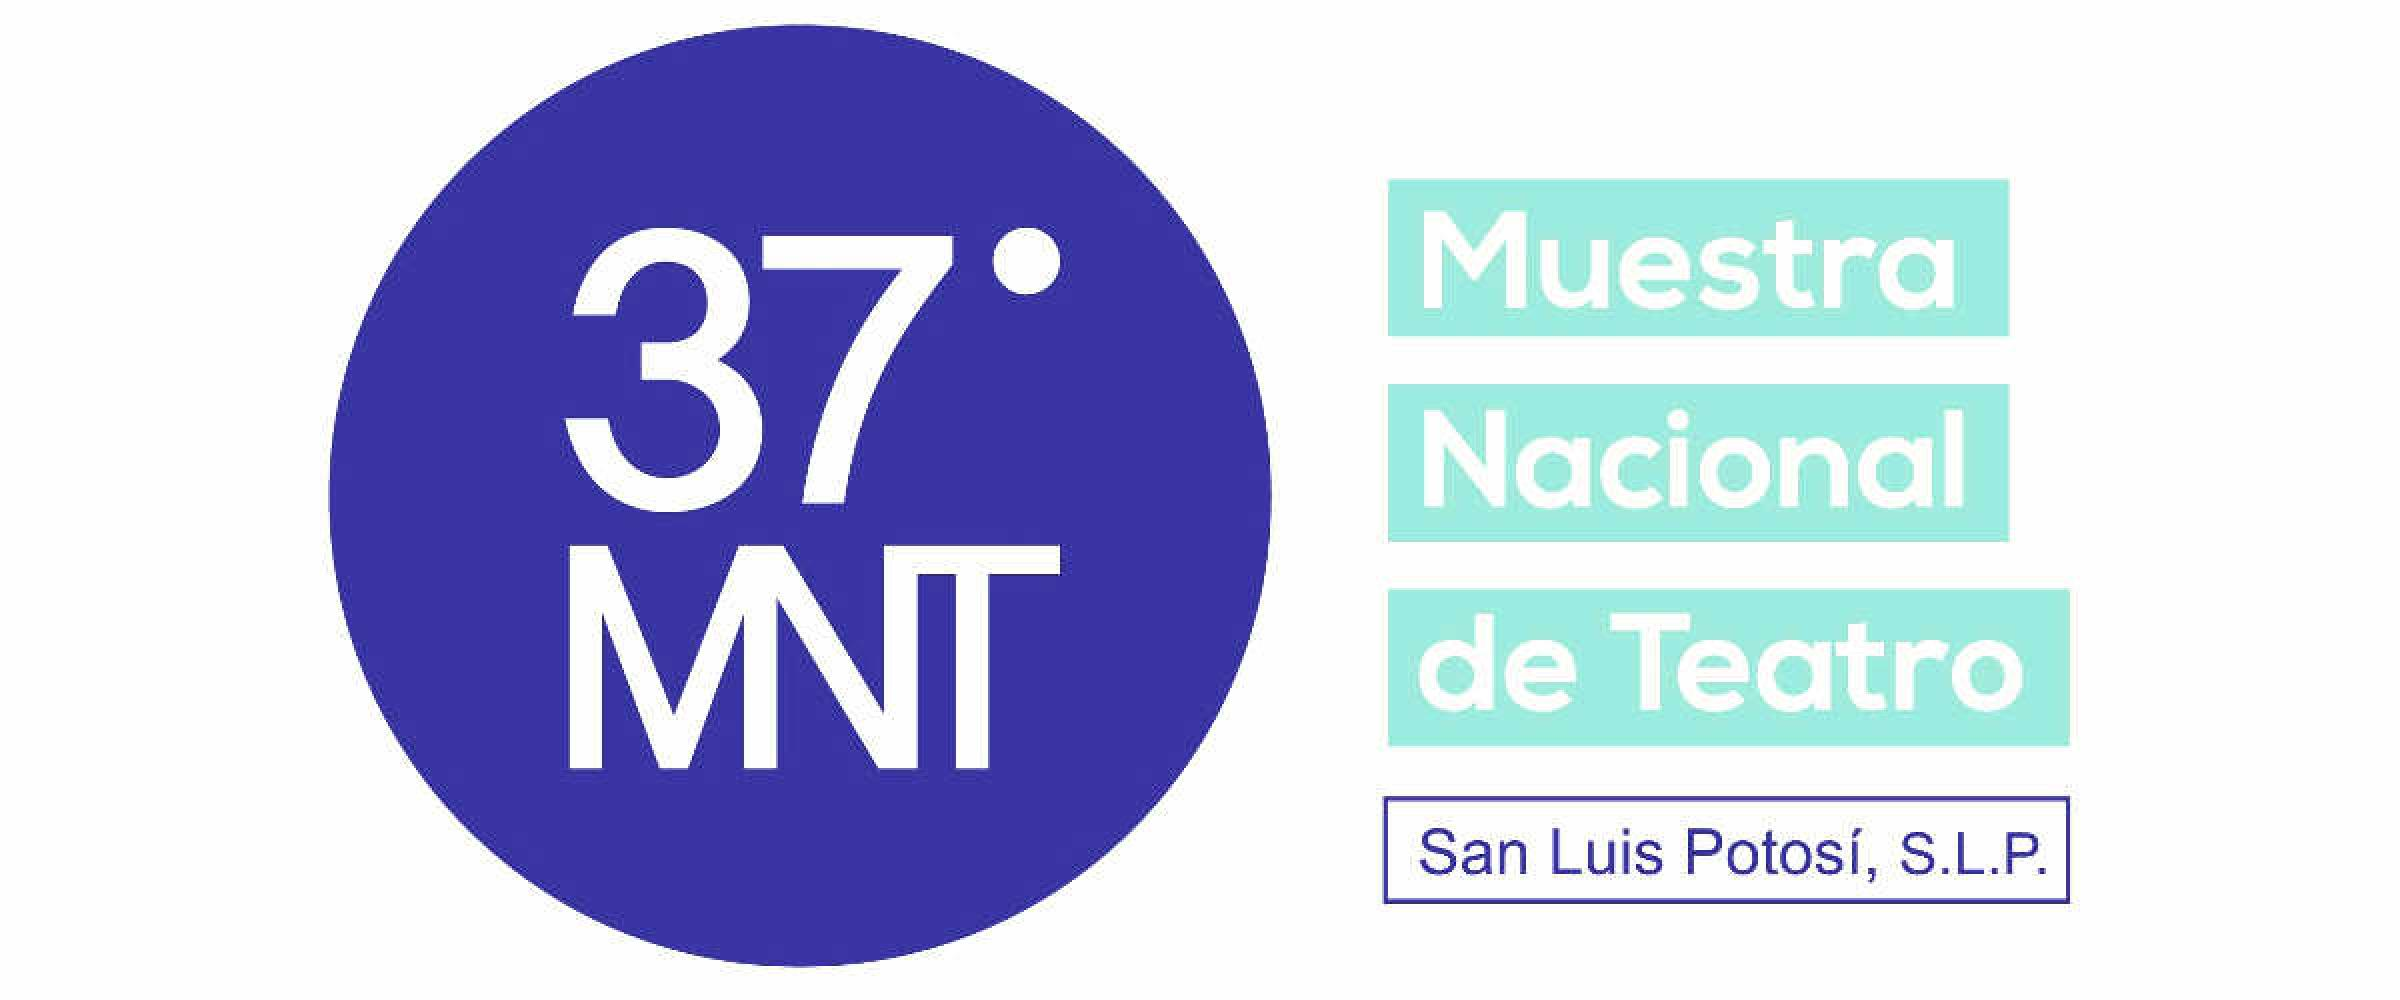 Convocatoria2016 - Manutención muestra de tearo San Luis Potosí